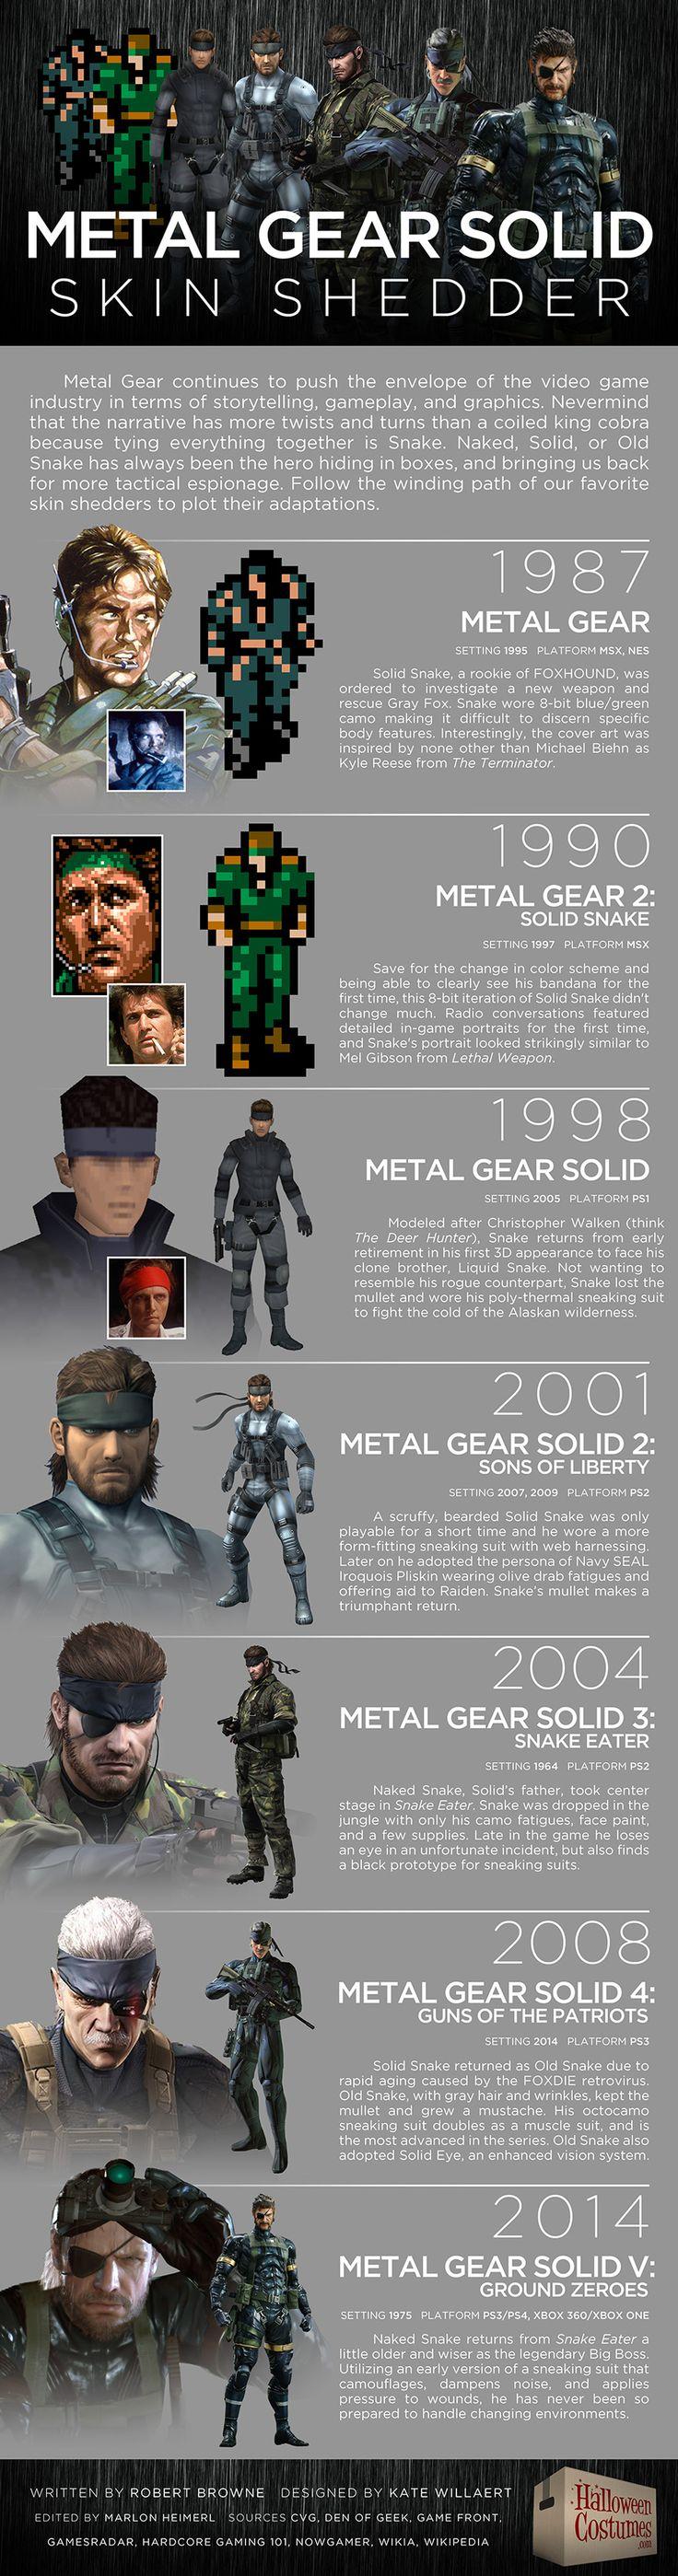 historia de Solid Snake atreves de 27 años